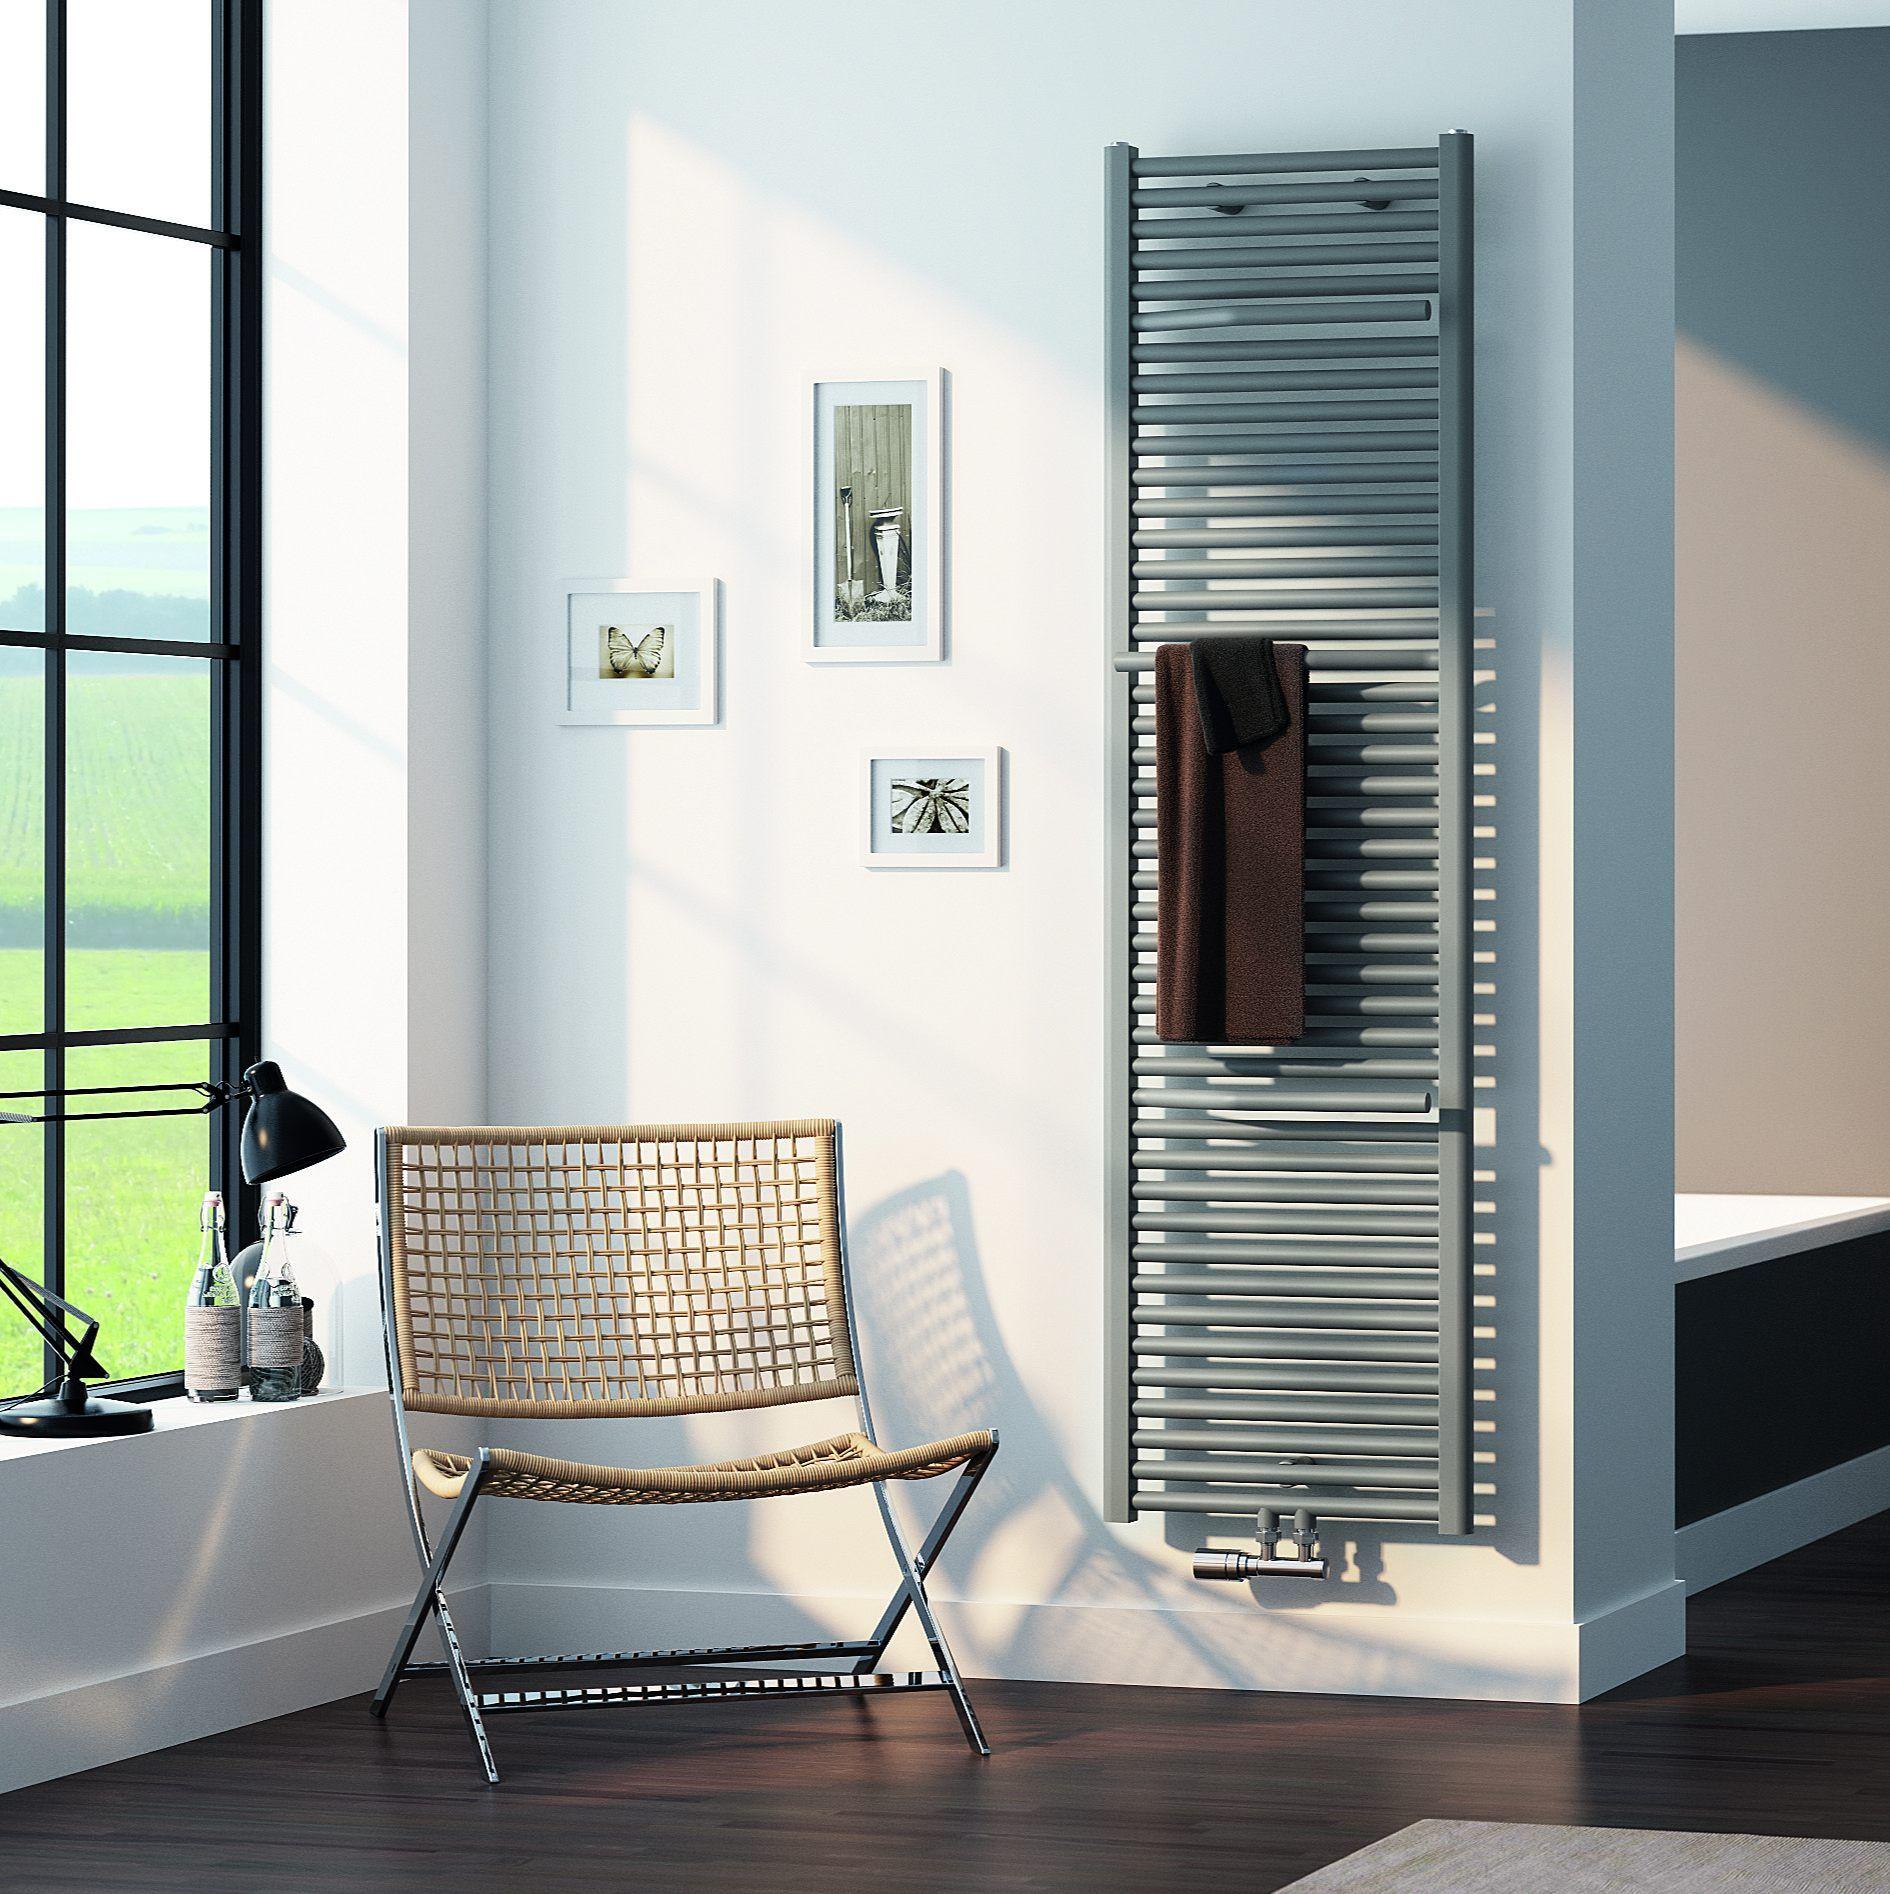 9 Badezimmer Design Heizkorper Design Heizkorper Flur Einzigartig Eintagamsee Mit Bildern Badezimmer Design Design Heizkorper Design